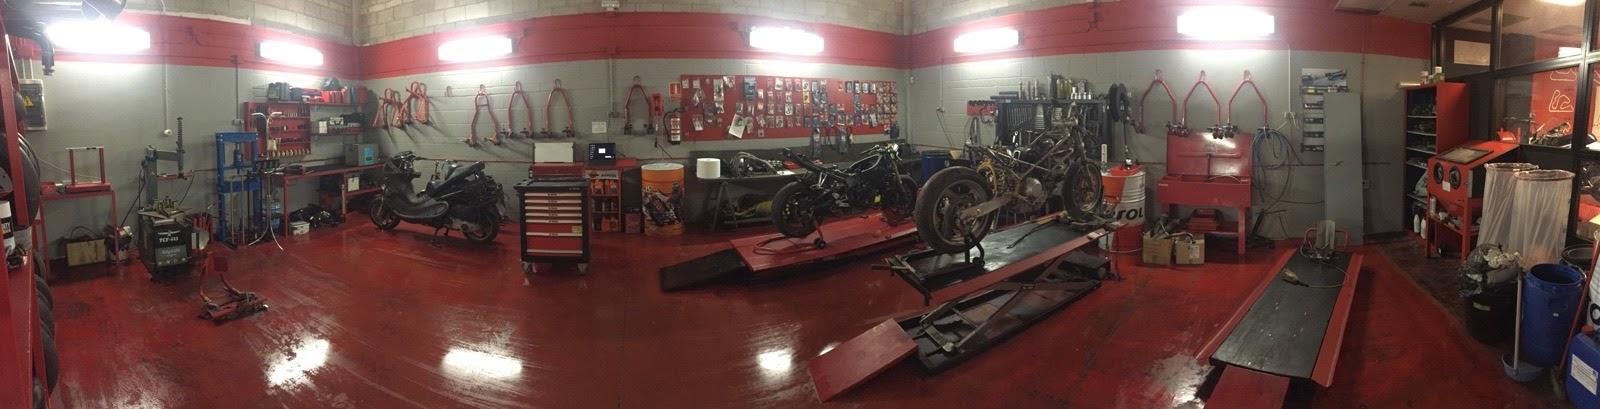 Mecanica de motos, Motos Hombrados